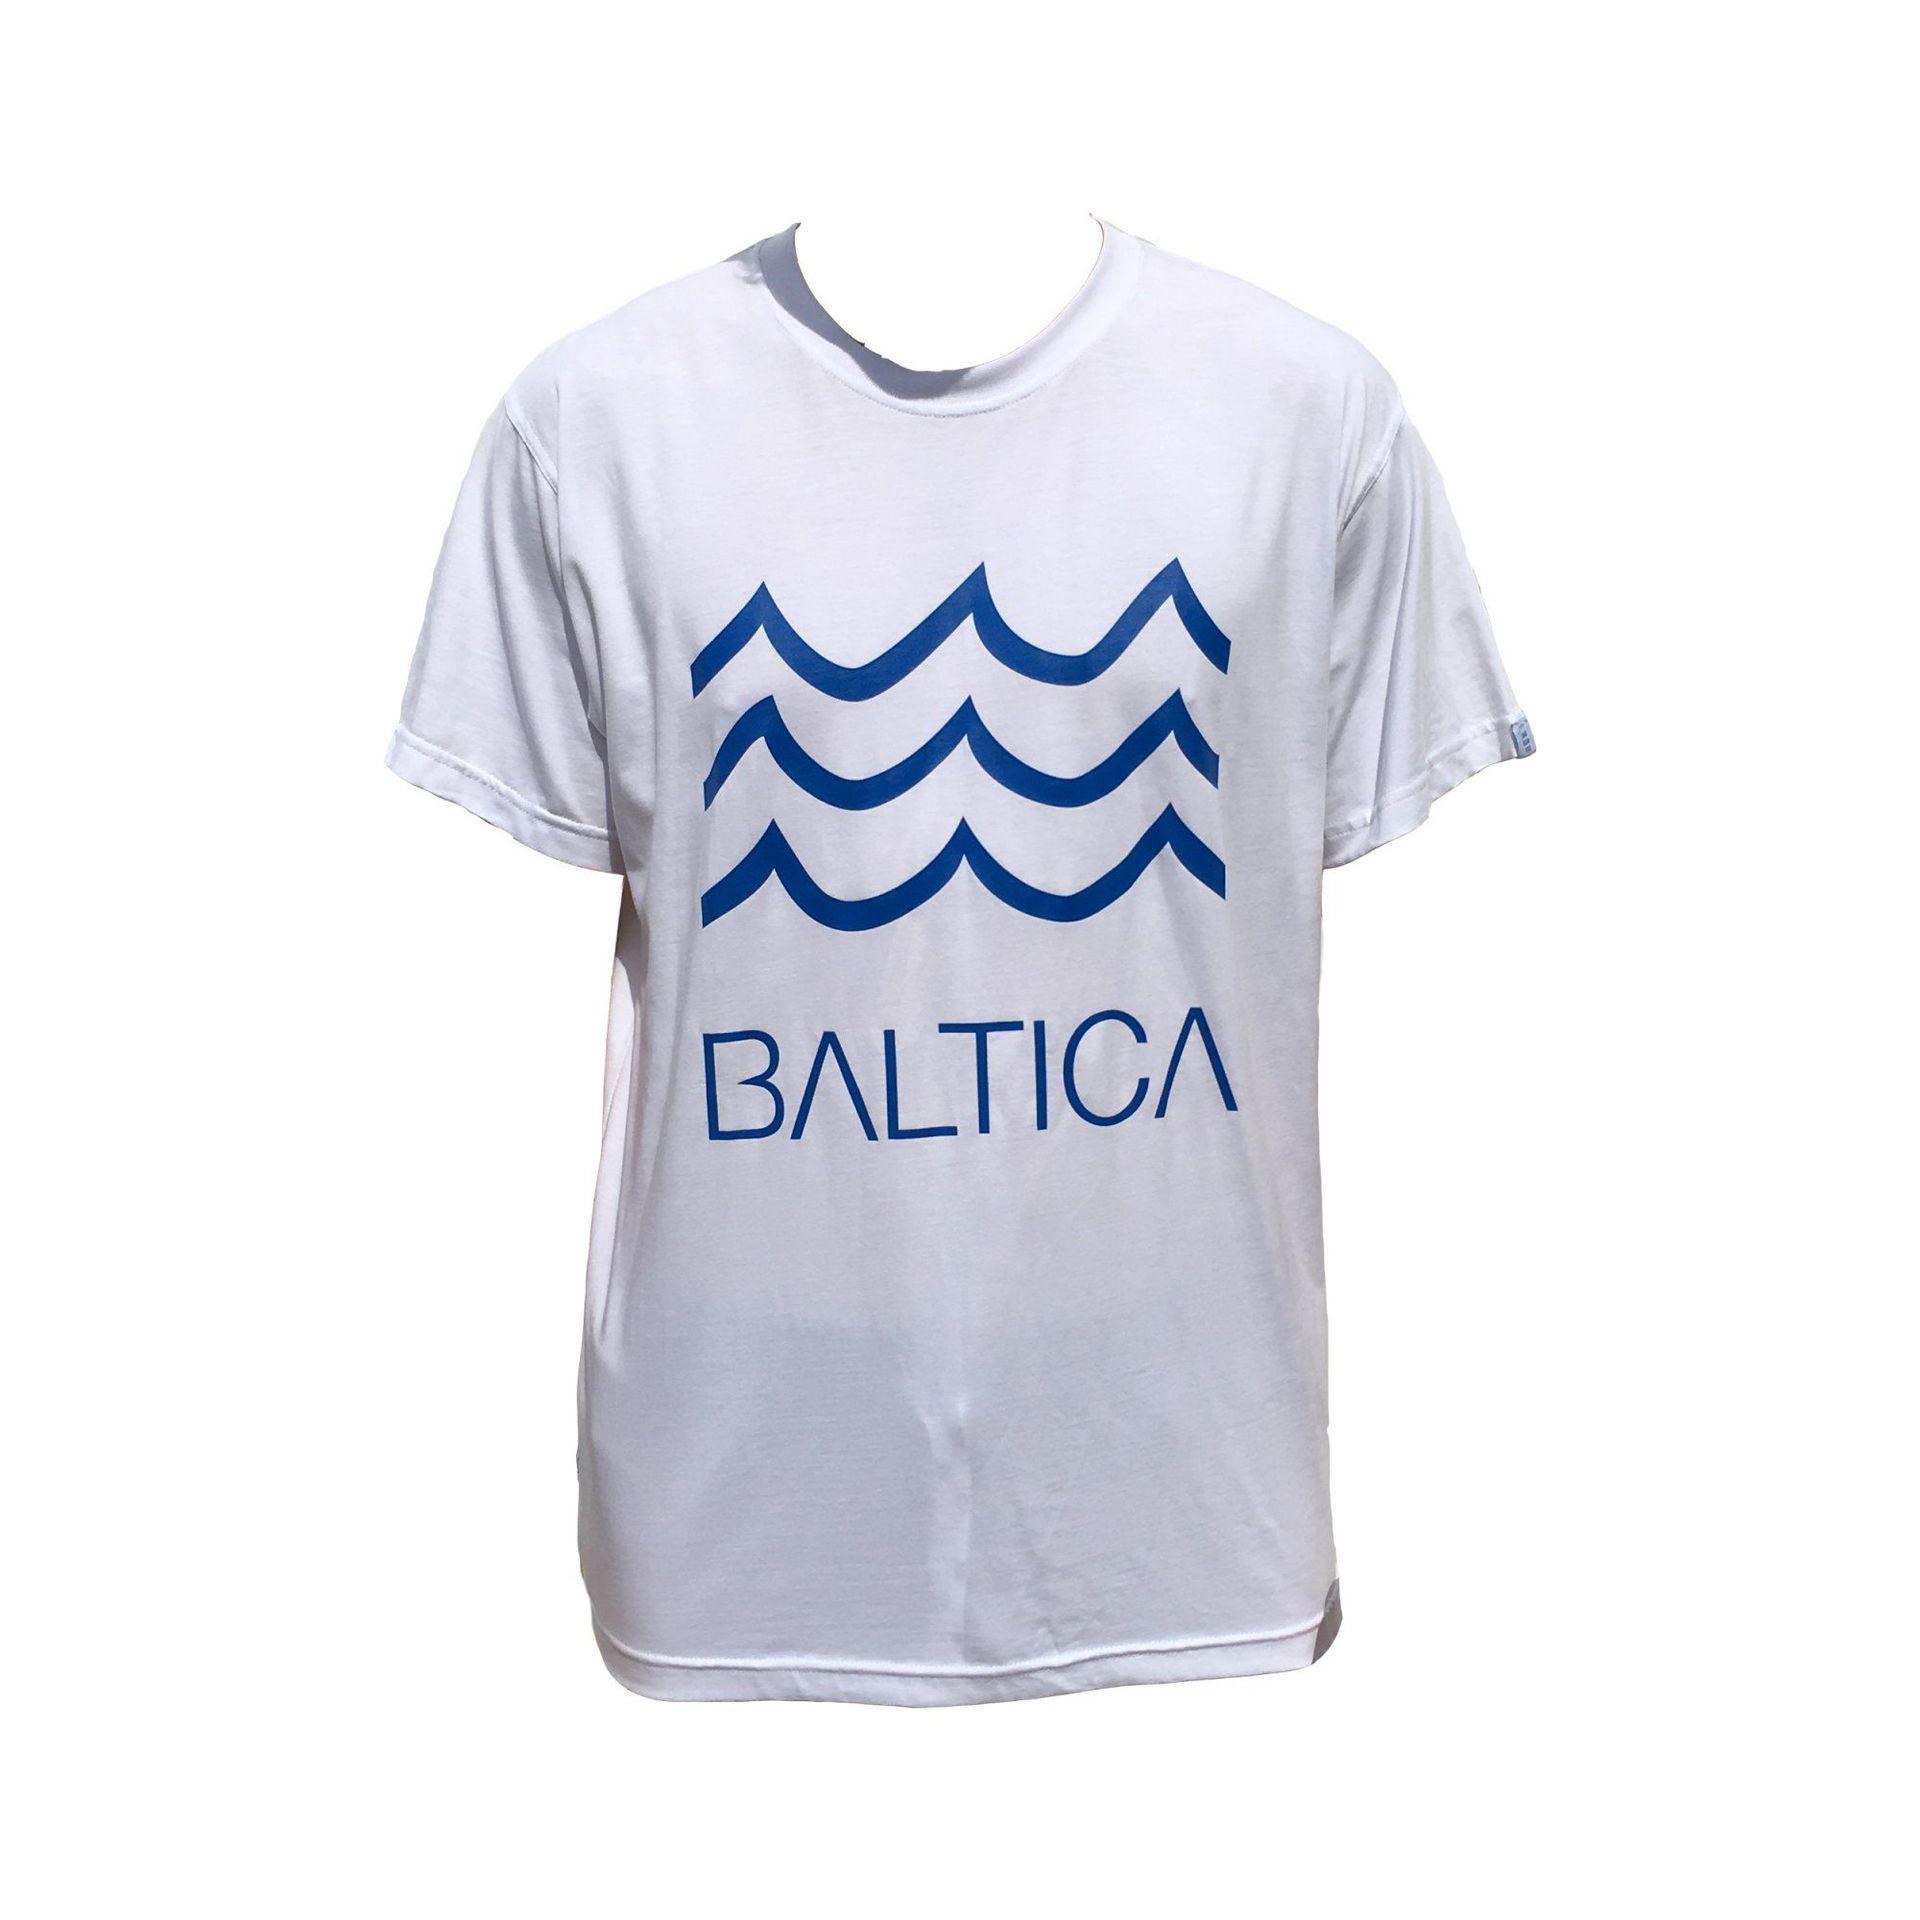 T-SHIRT BALTICA FALA WHITE 1